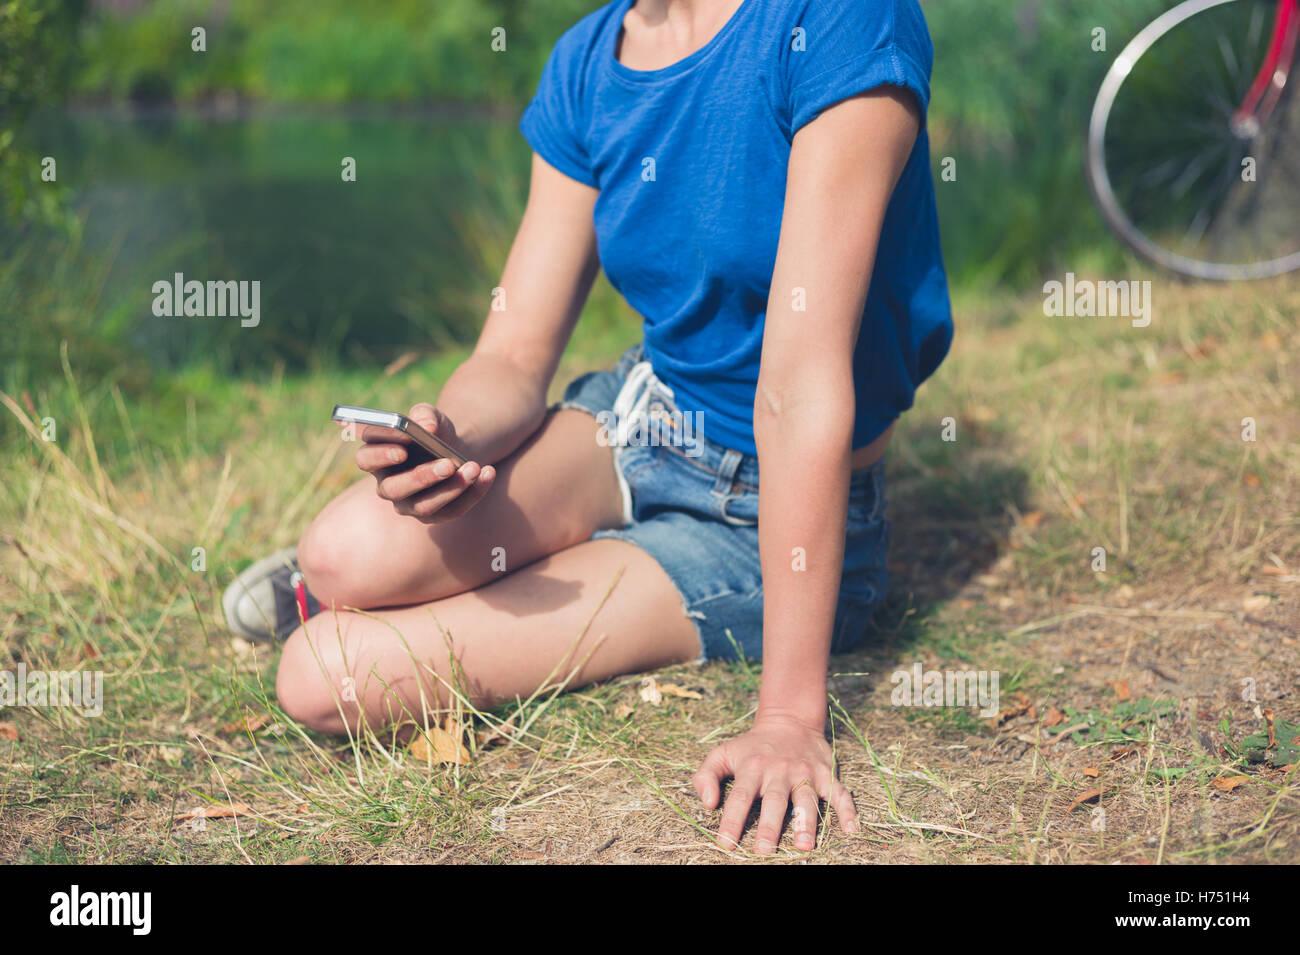 Eine junge Frau sitzt am Wasser in einem Park und ist ein Smartphone mit Stockbild